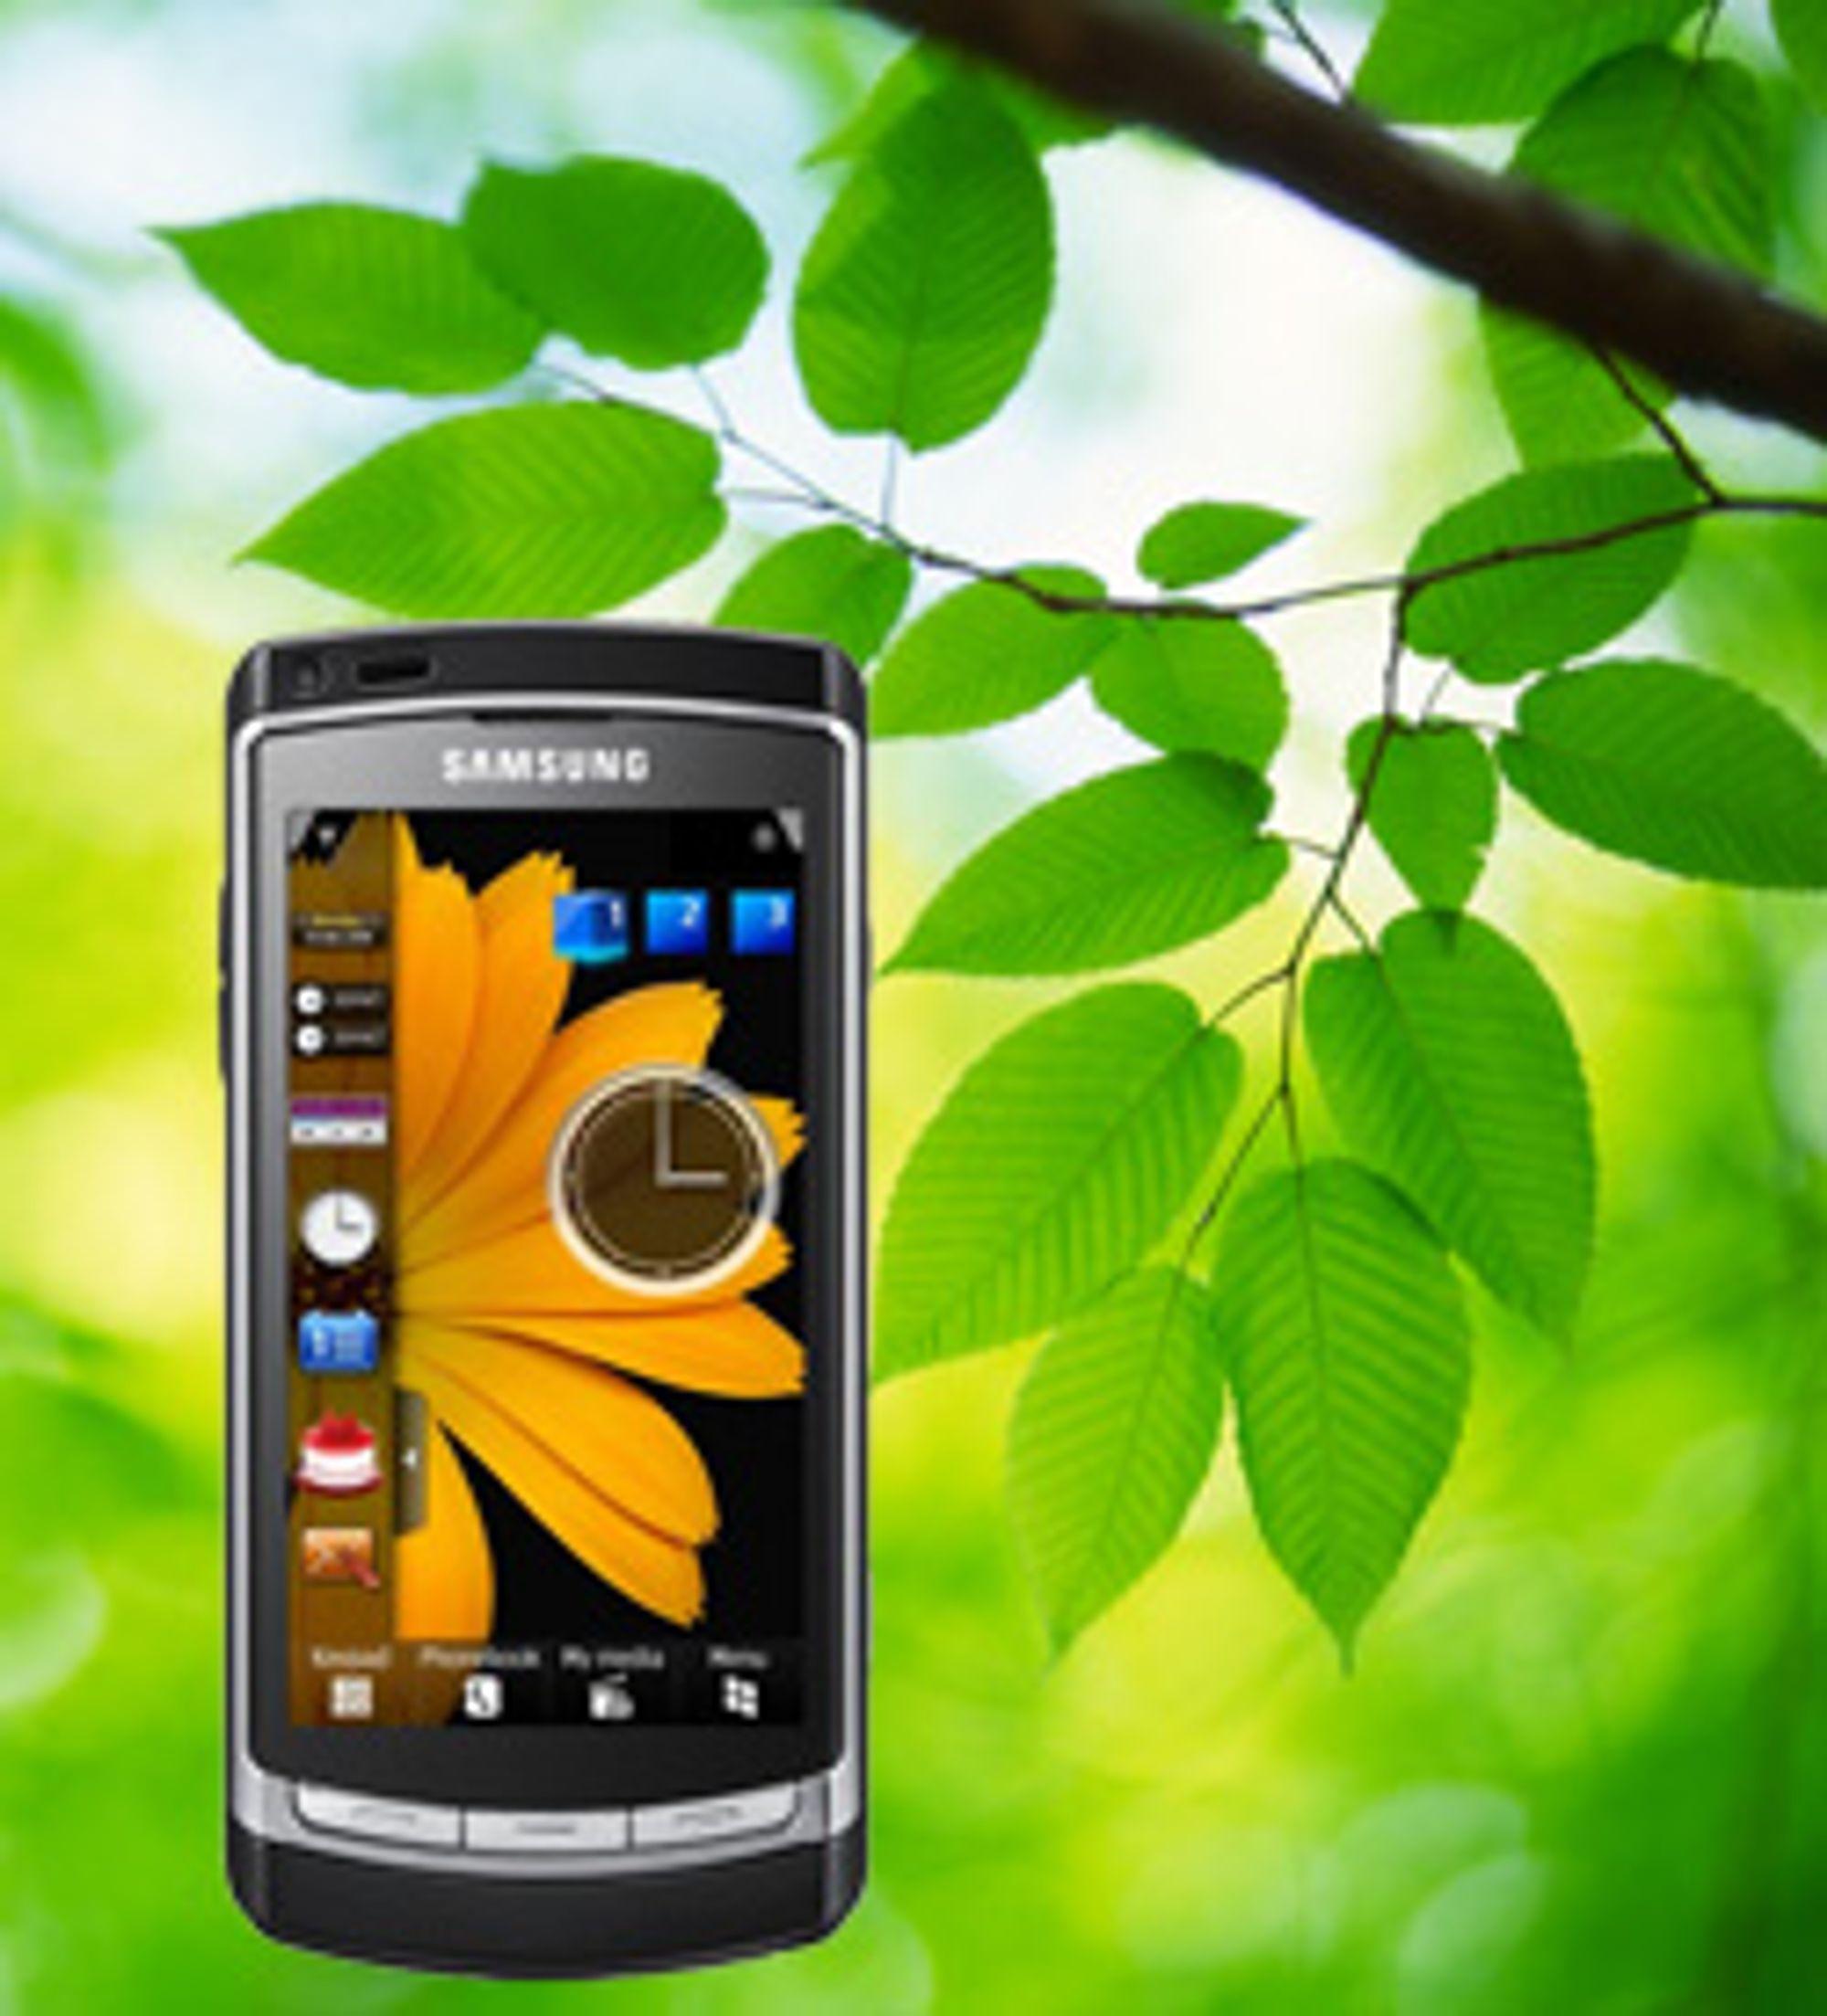 Den nye teknologien kan gi bedre batterilevetid, også til trykkskjermmobiler. (Foto: Istockphoto, Samsung)